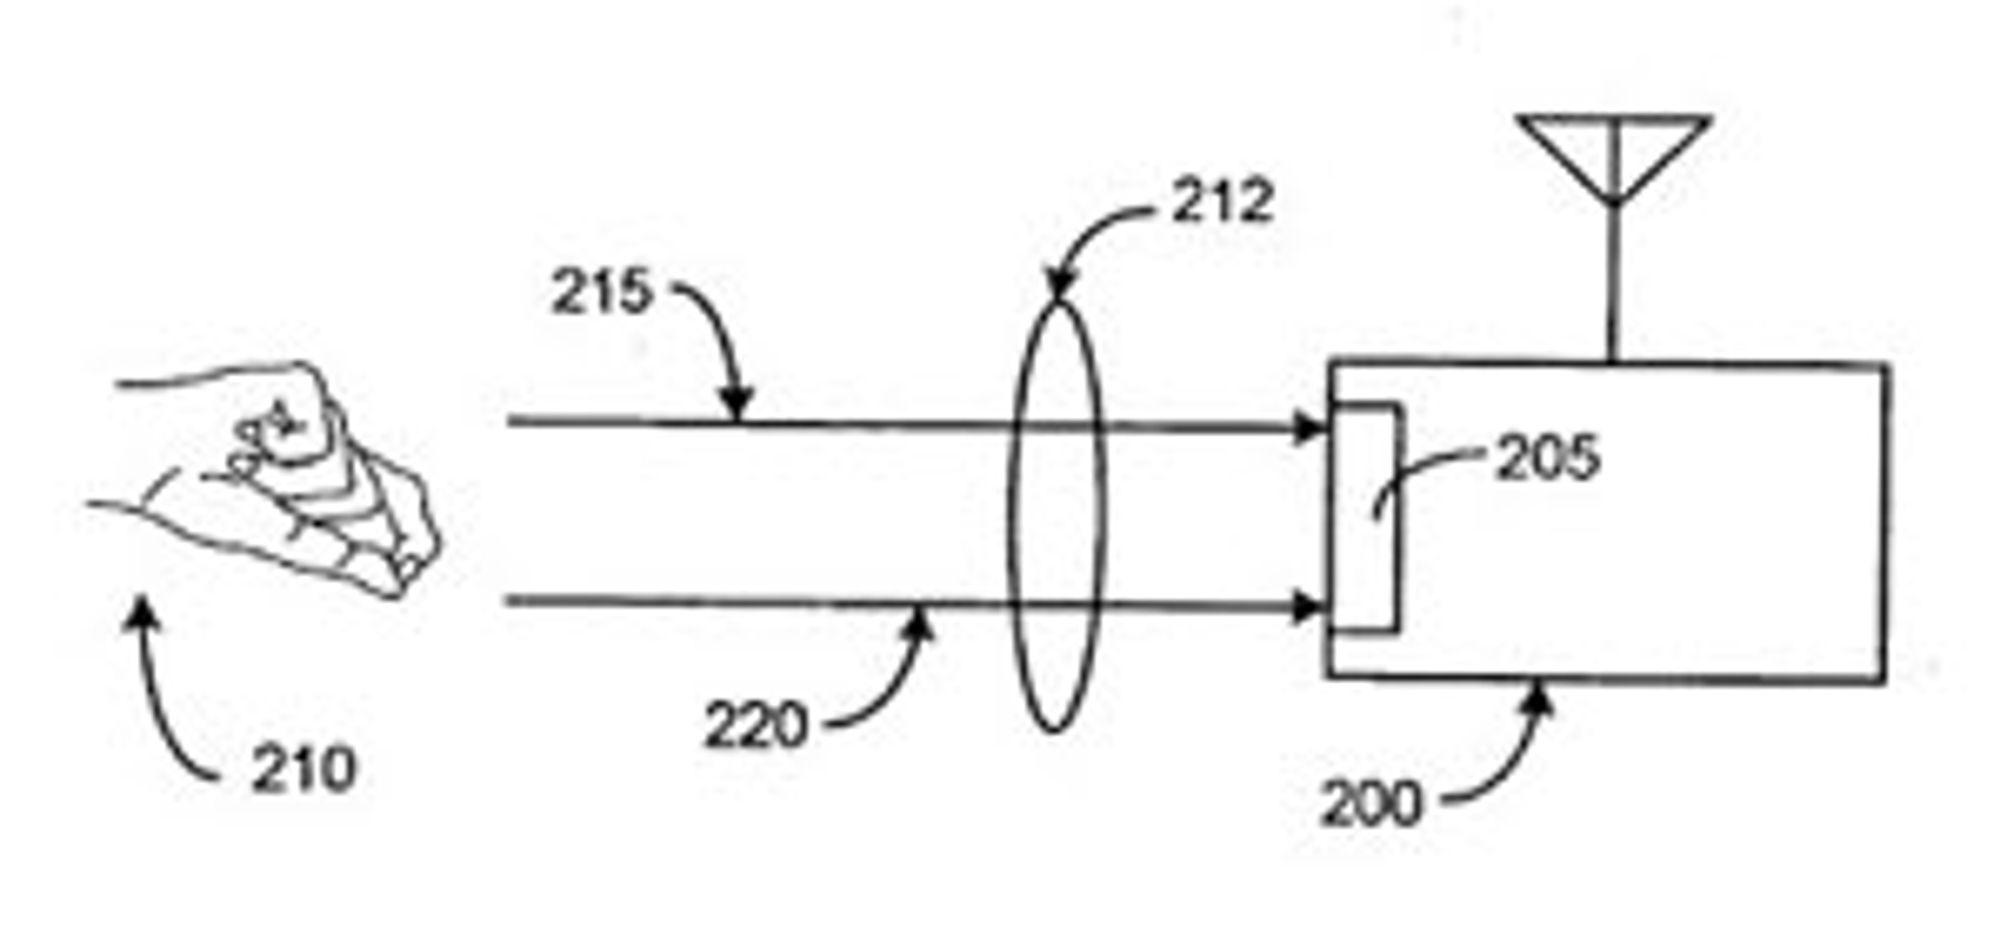 Utdrag fra patentsøknaden.